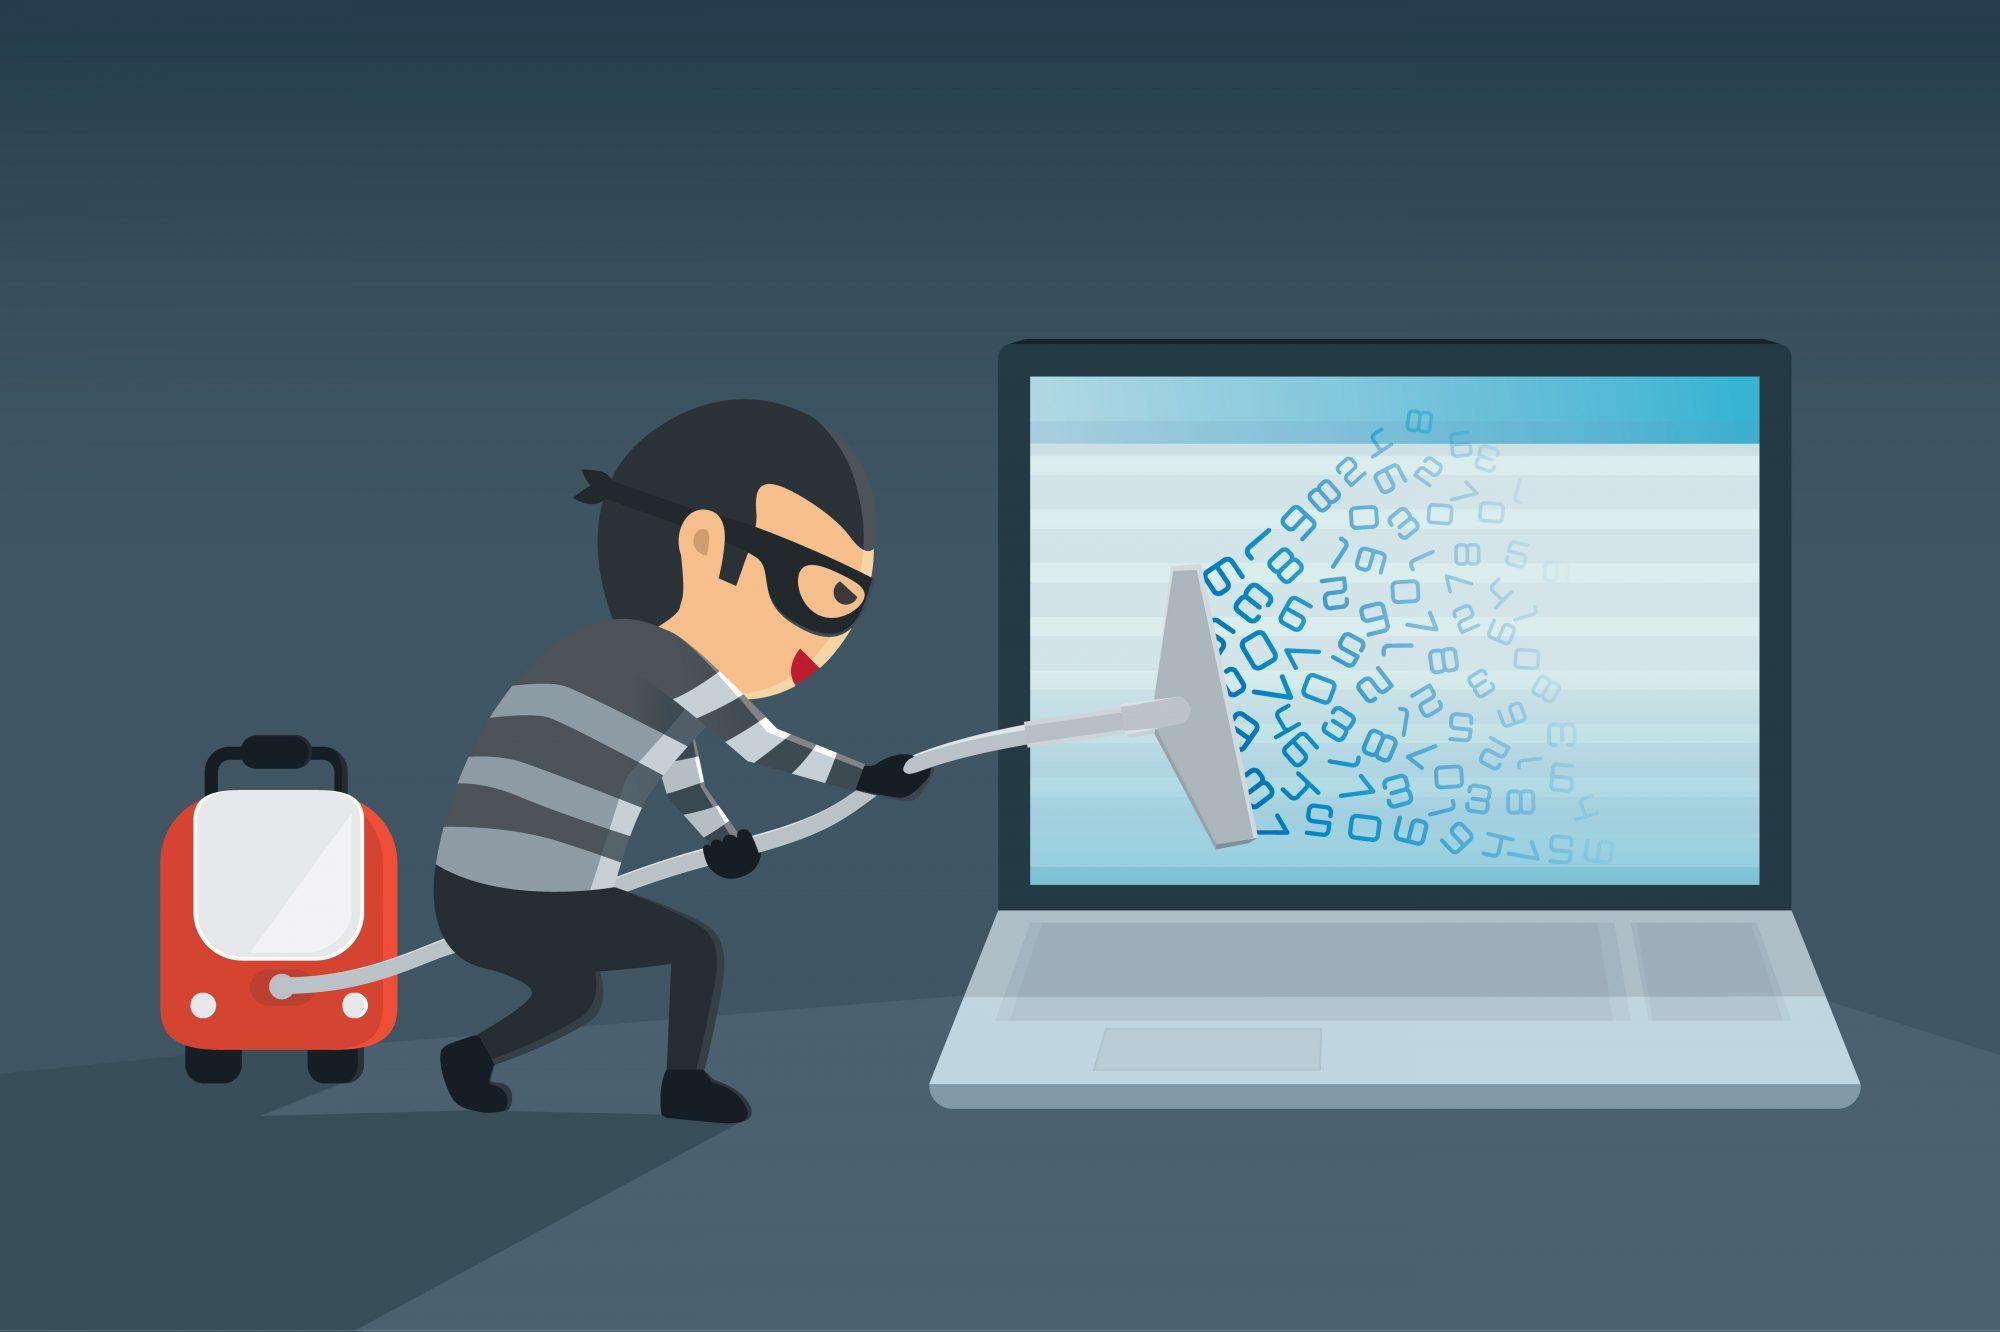 Frode - Crimine finanziario - Cyber Risk - Furto dati Imc